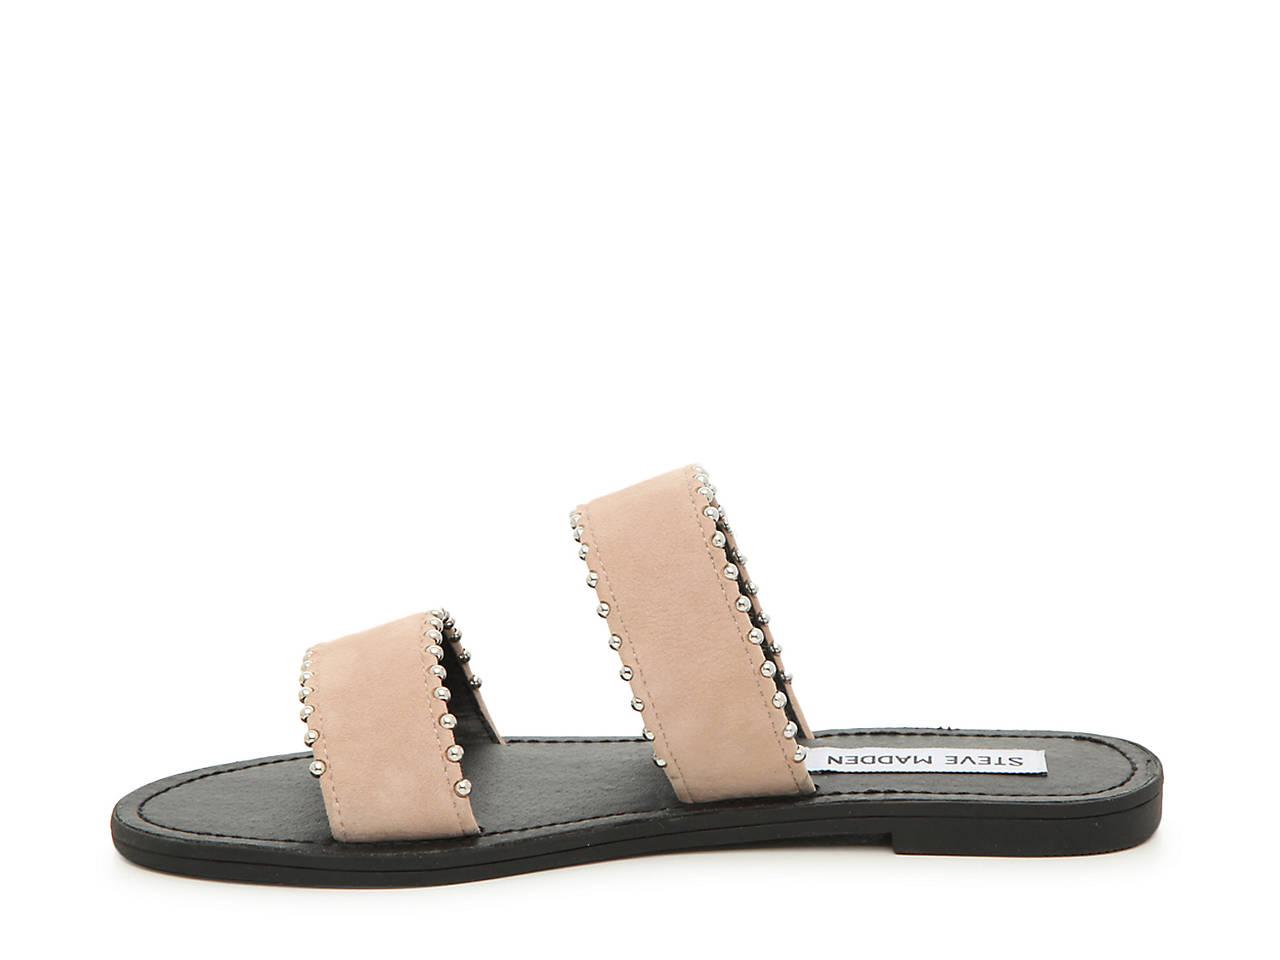 e07d806684b Steve Madden Lola Sandal Women's Shoes   DSW